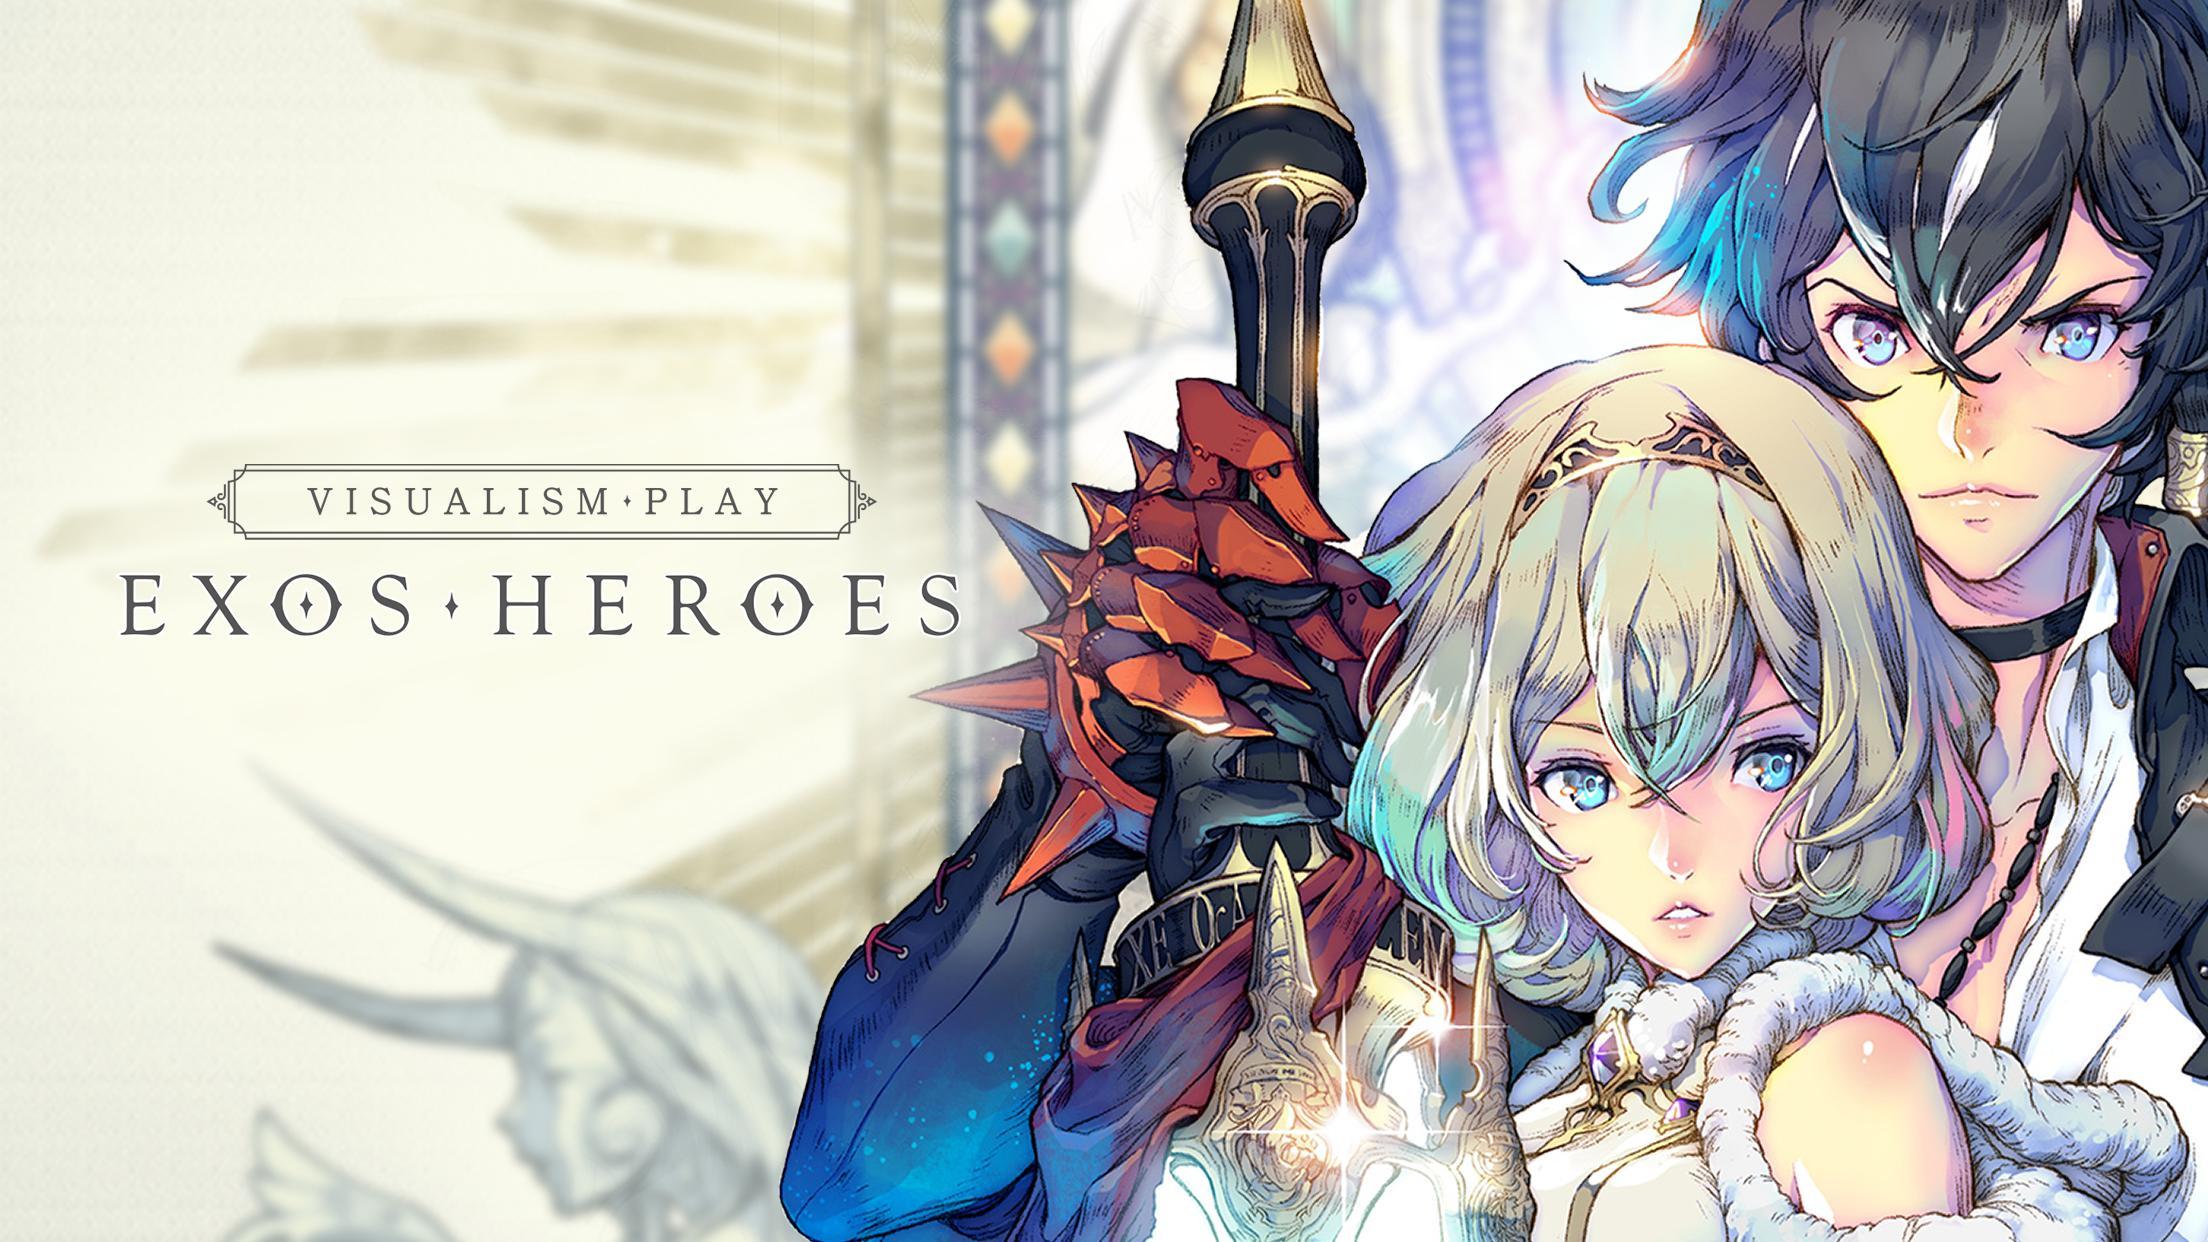 Những tựa game mang xu thế manga - anime phổ biến nhất dành cho các tín đồ game thủ trên mobile (Phần 2) - Ảnh 1.